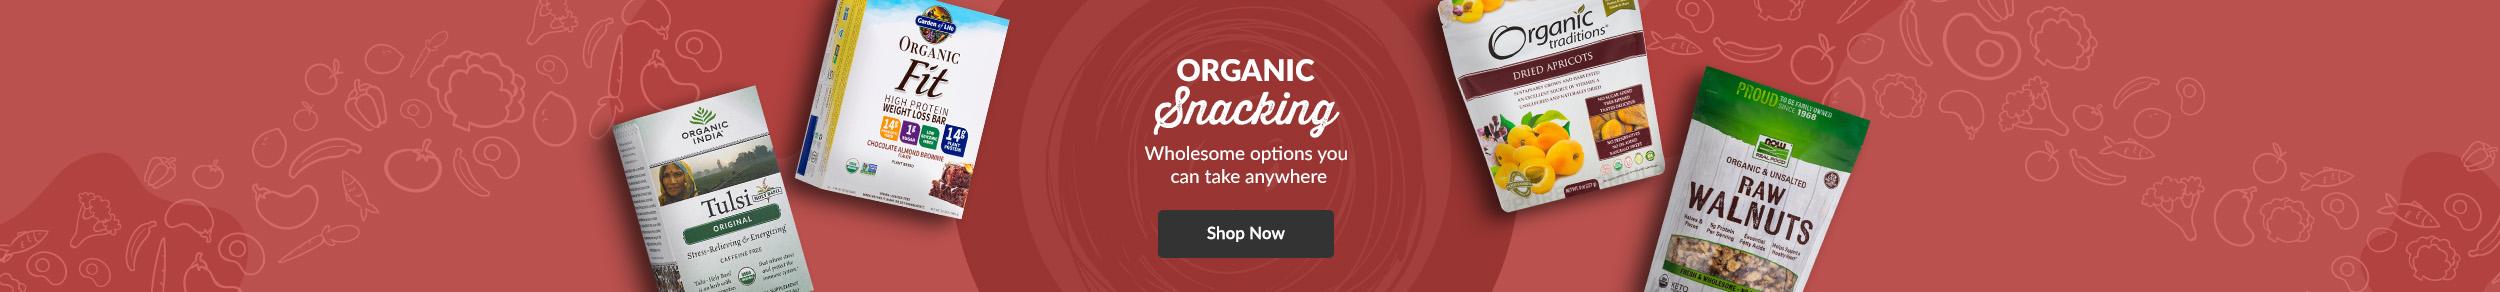 https://i3.pureformulas.net/images/static/Organic-Snacking_slide3_062818.jpg